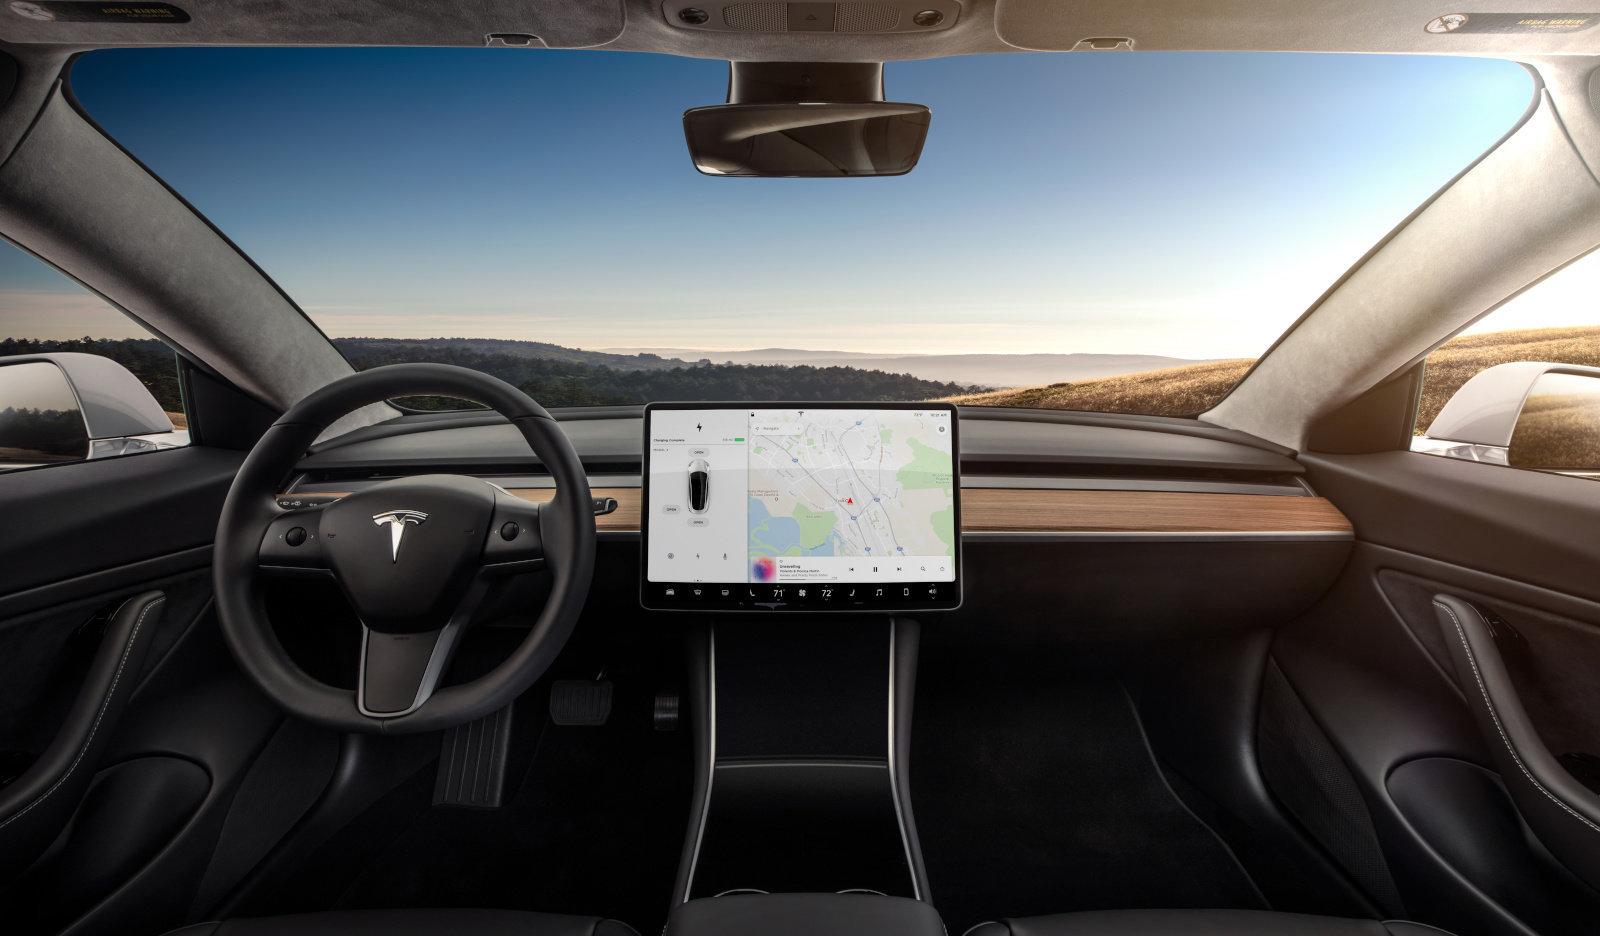 Водители переоценивают автопилот Tesla из-за его названия